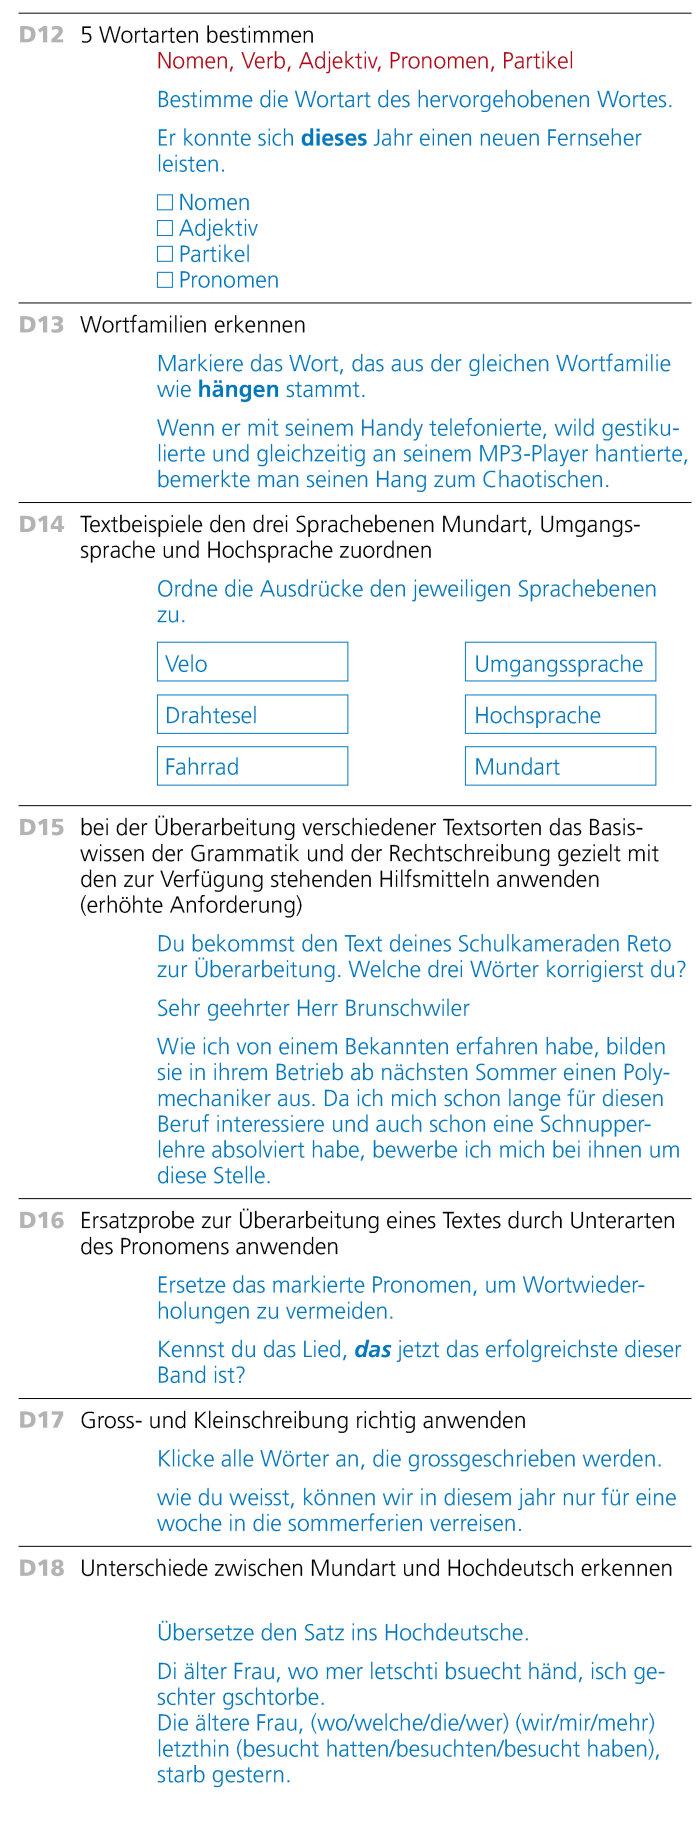 rechtschreibung dating app deutsche deutsche kennenlernen größte  Kennenlernen neue deutsche rechtschreibung.